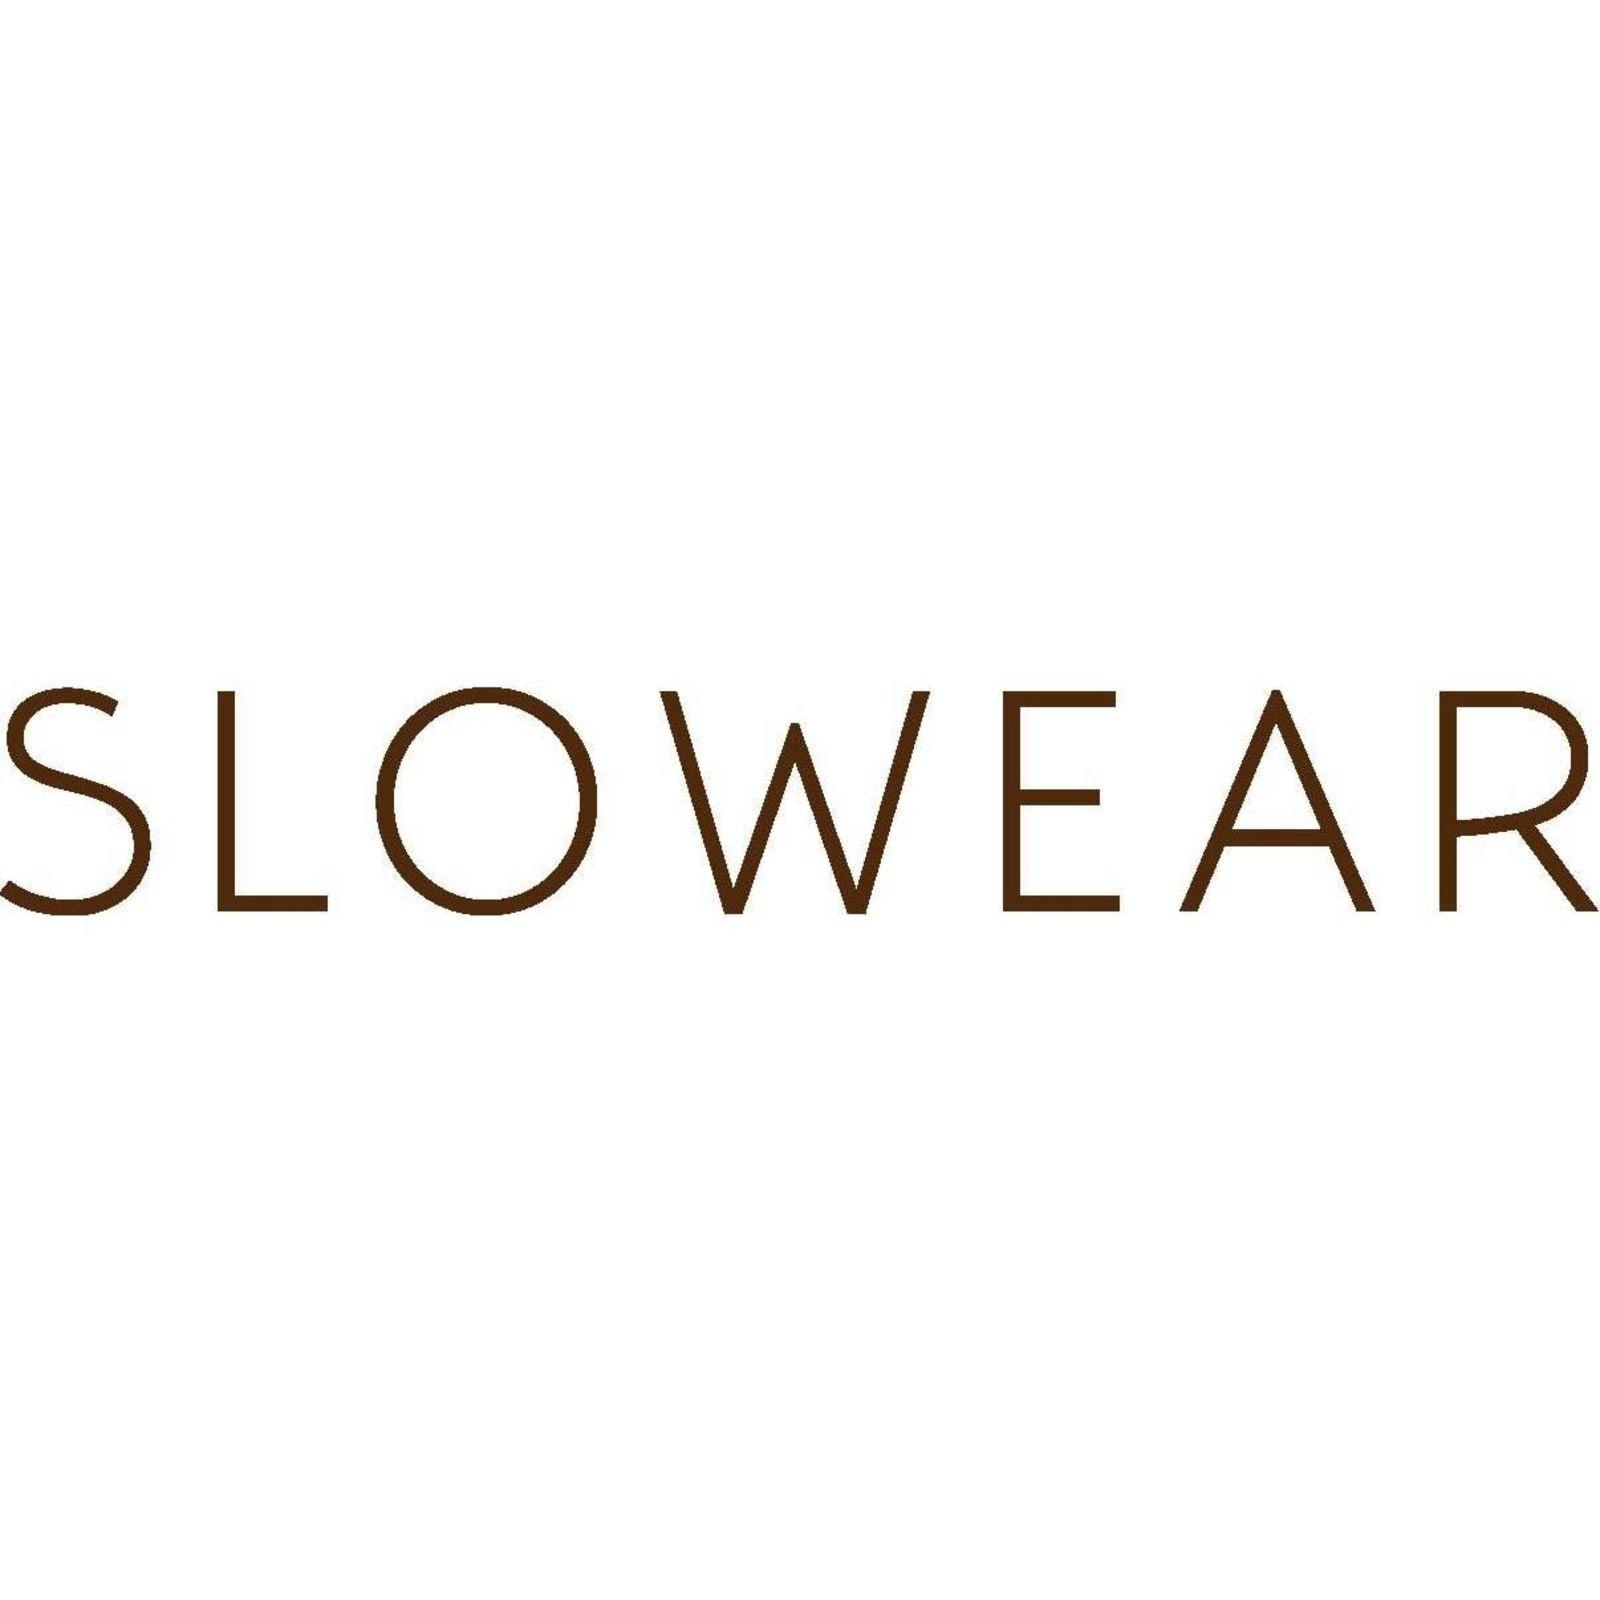 SLOWEAR (Image 1)